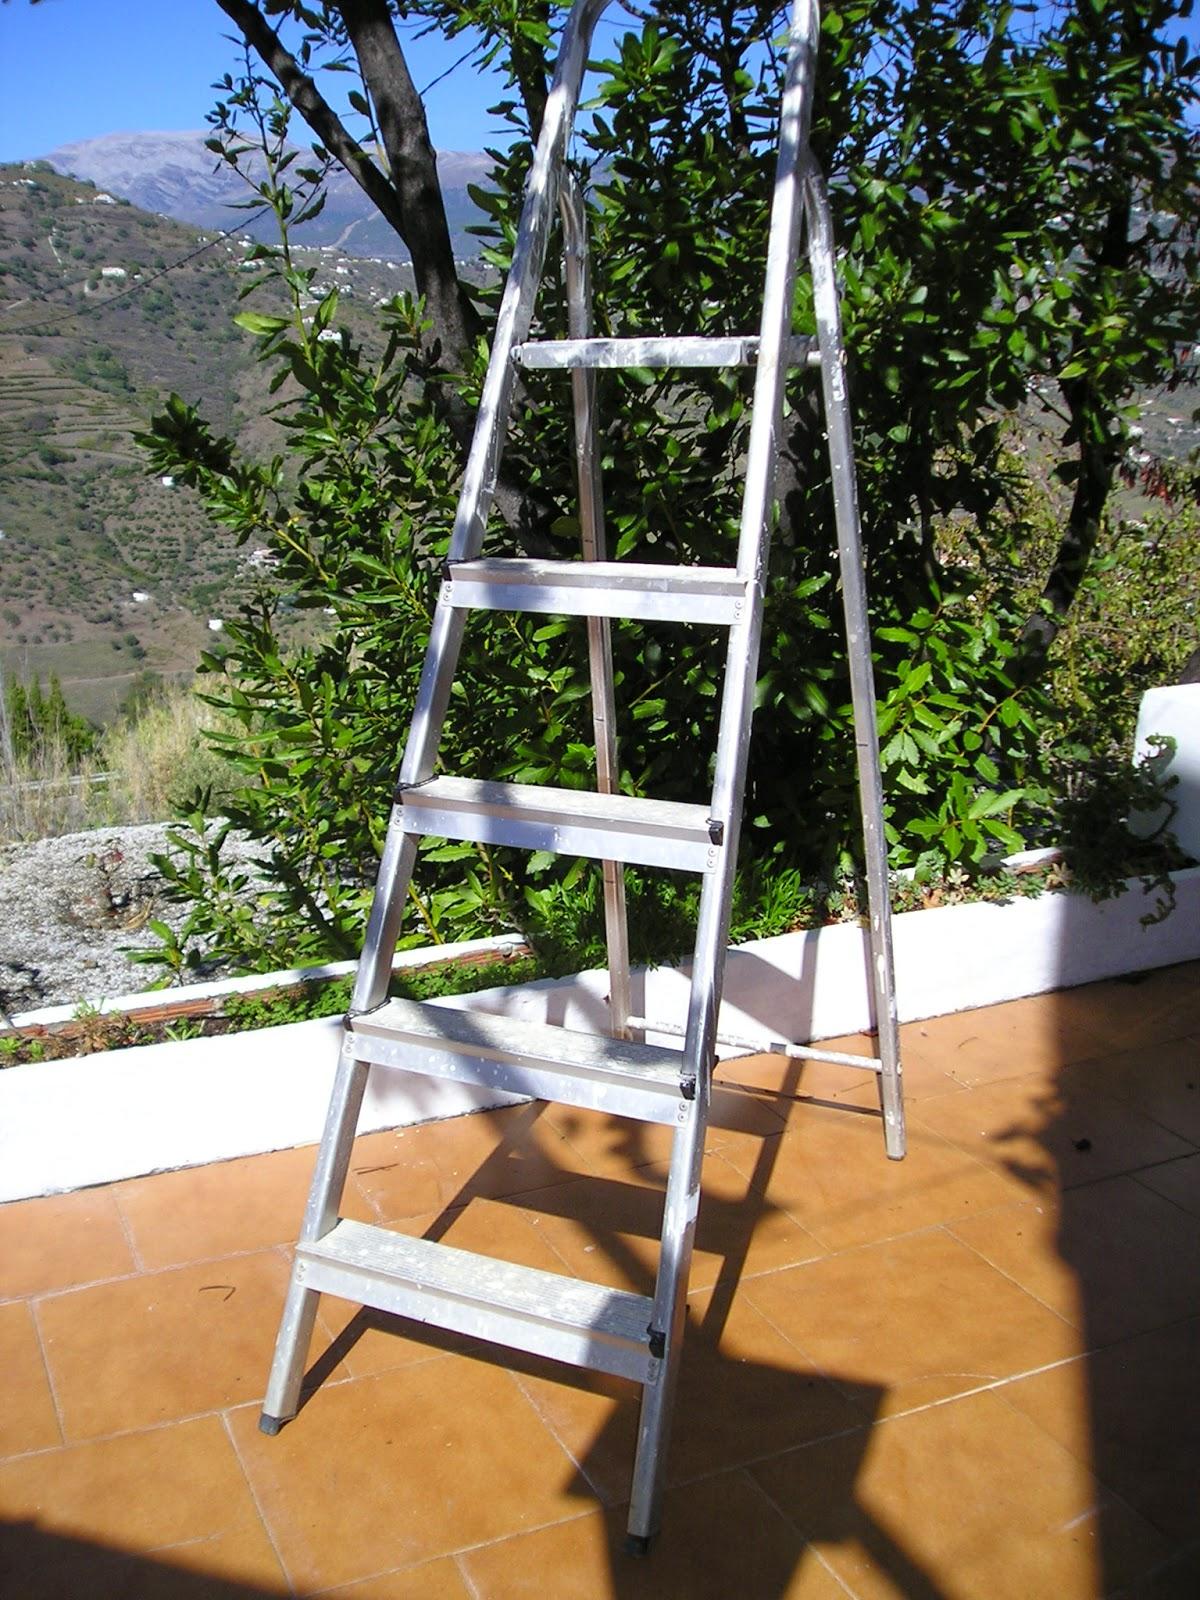 digame for sale step ladders. Black Bedroom Furniture Sets. Home Design Ideas